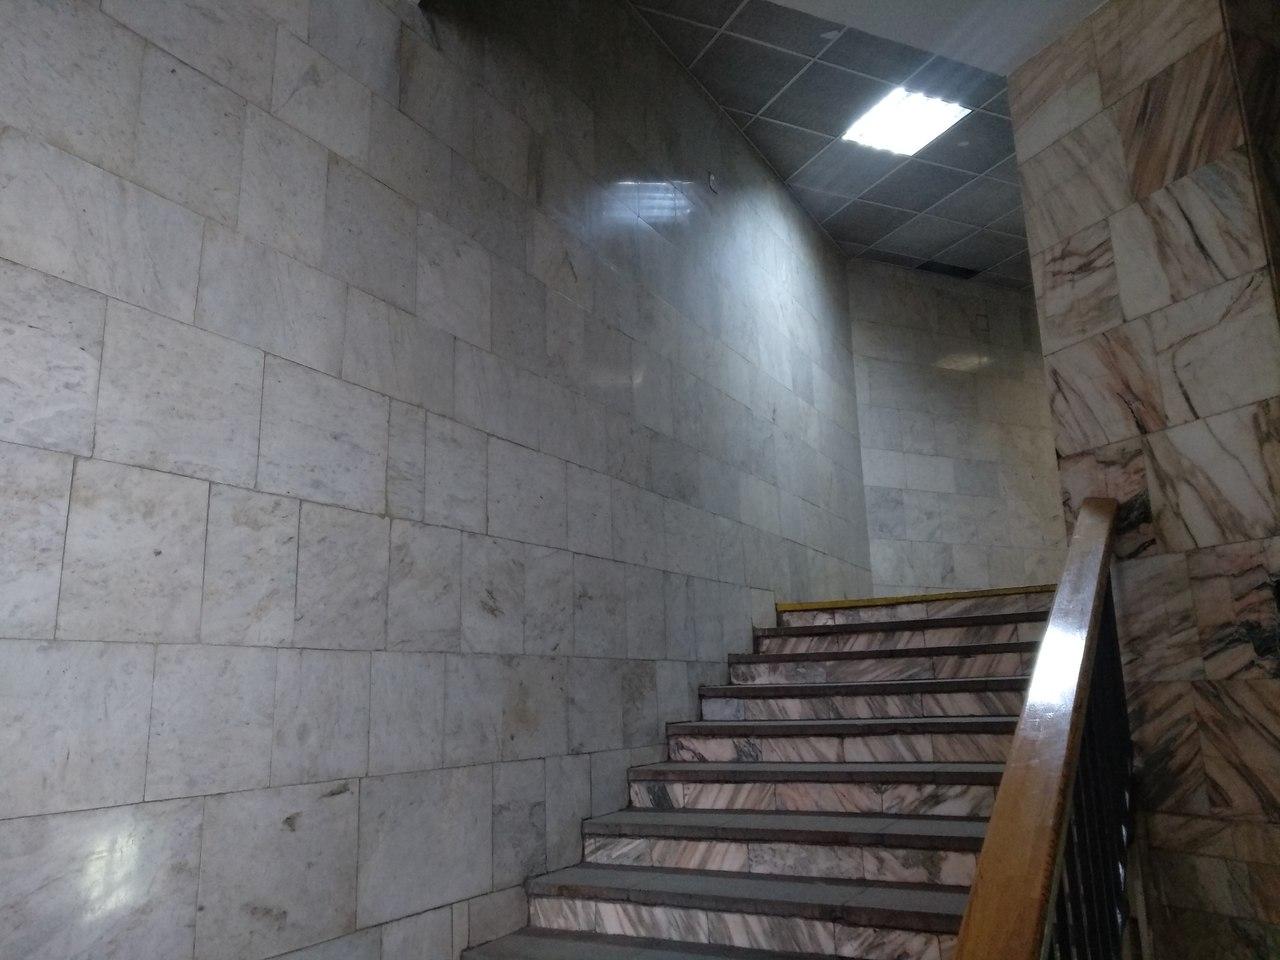 ГородОтель на Белорусском. Москва очень, номере, здесь, самого, комнаты, гостиница, здании, окном, находится, открытым, ростом, практически, поняла, балкона, дверь, шумно, балконная, Особенно, подумала, телевизор